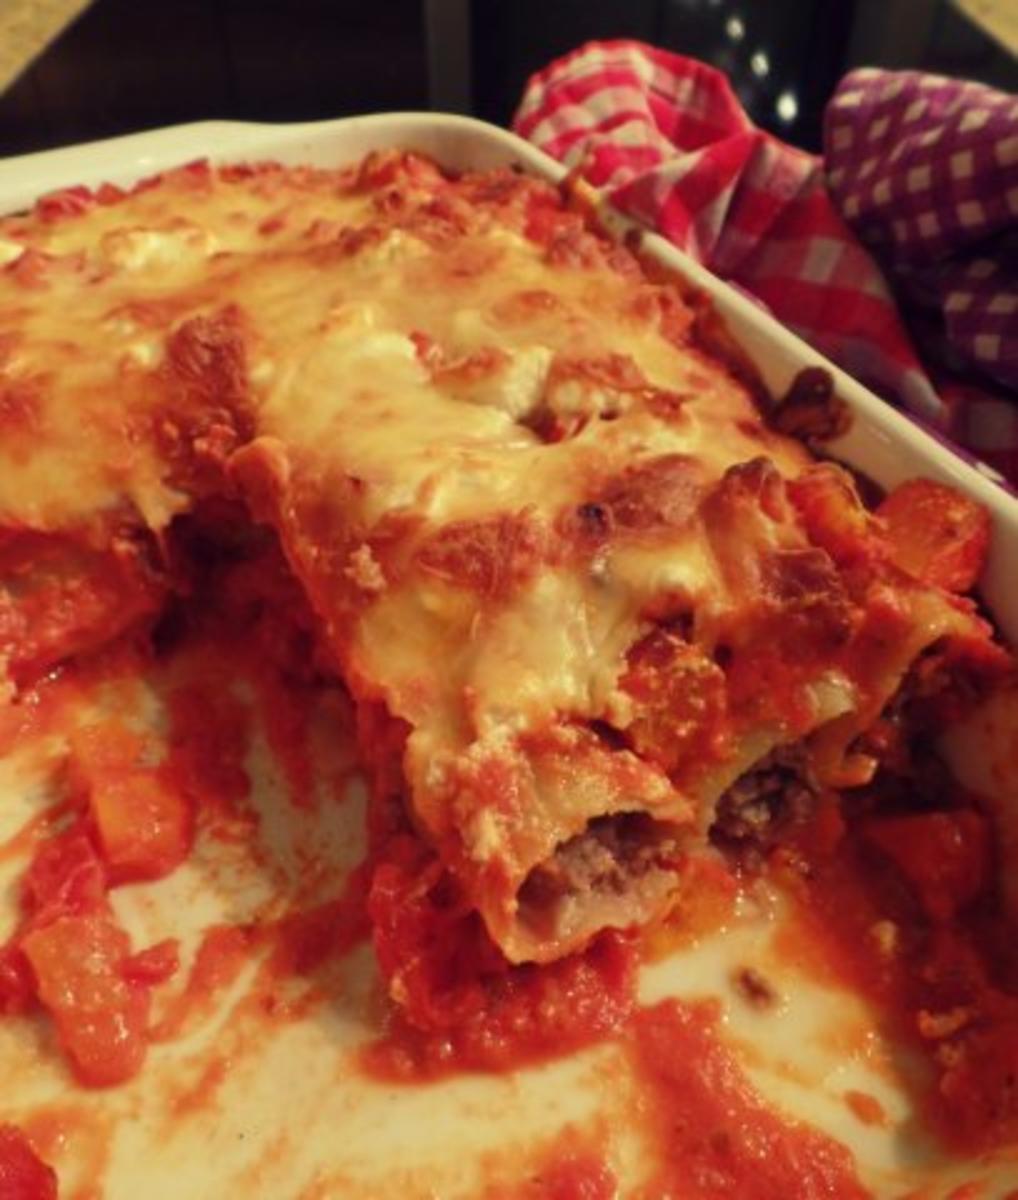 Cannelloni mit Hackfleisch und Kürbis-Soße; pikantes Auflauf- / Ofengericht - Rezept Gesendet von Sri_Devi